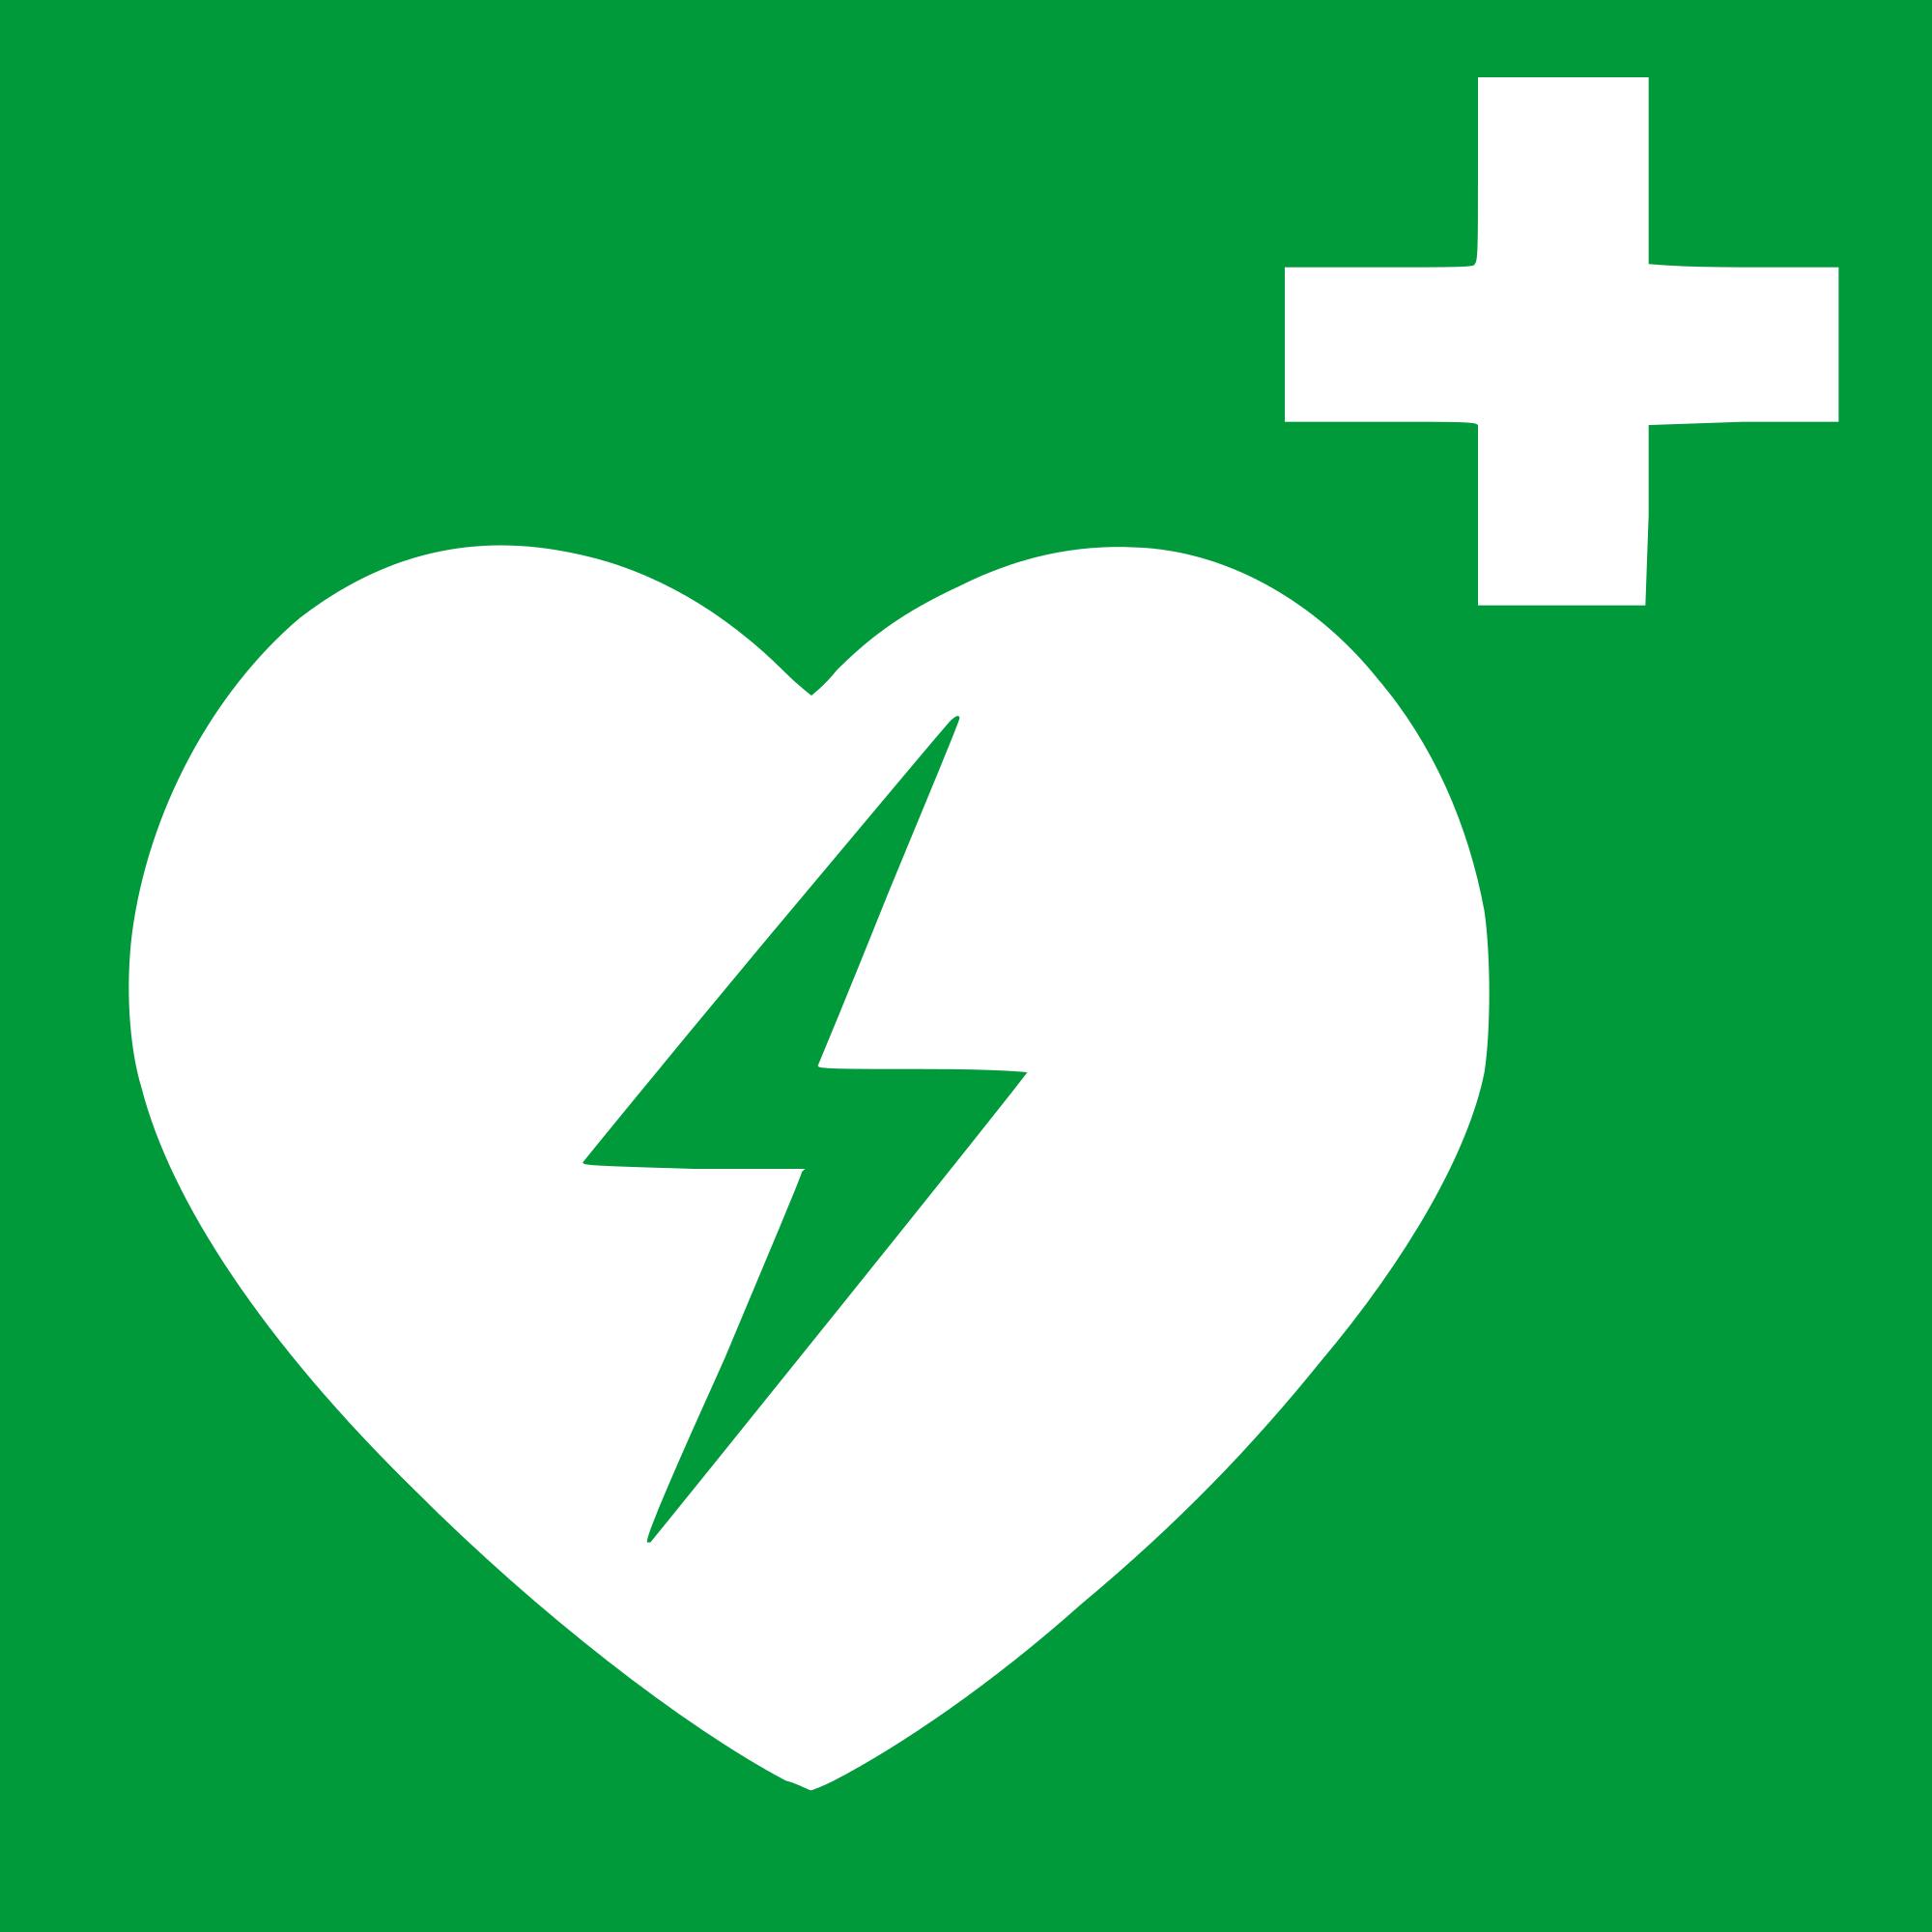 Defibrillatore_simbolo